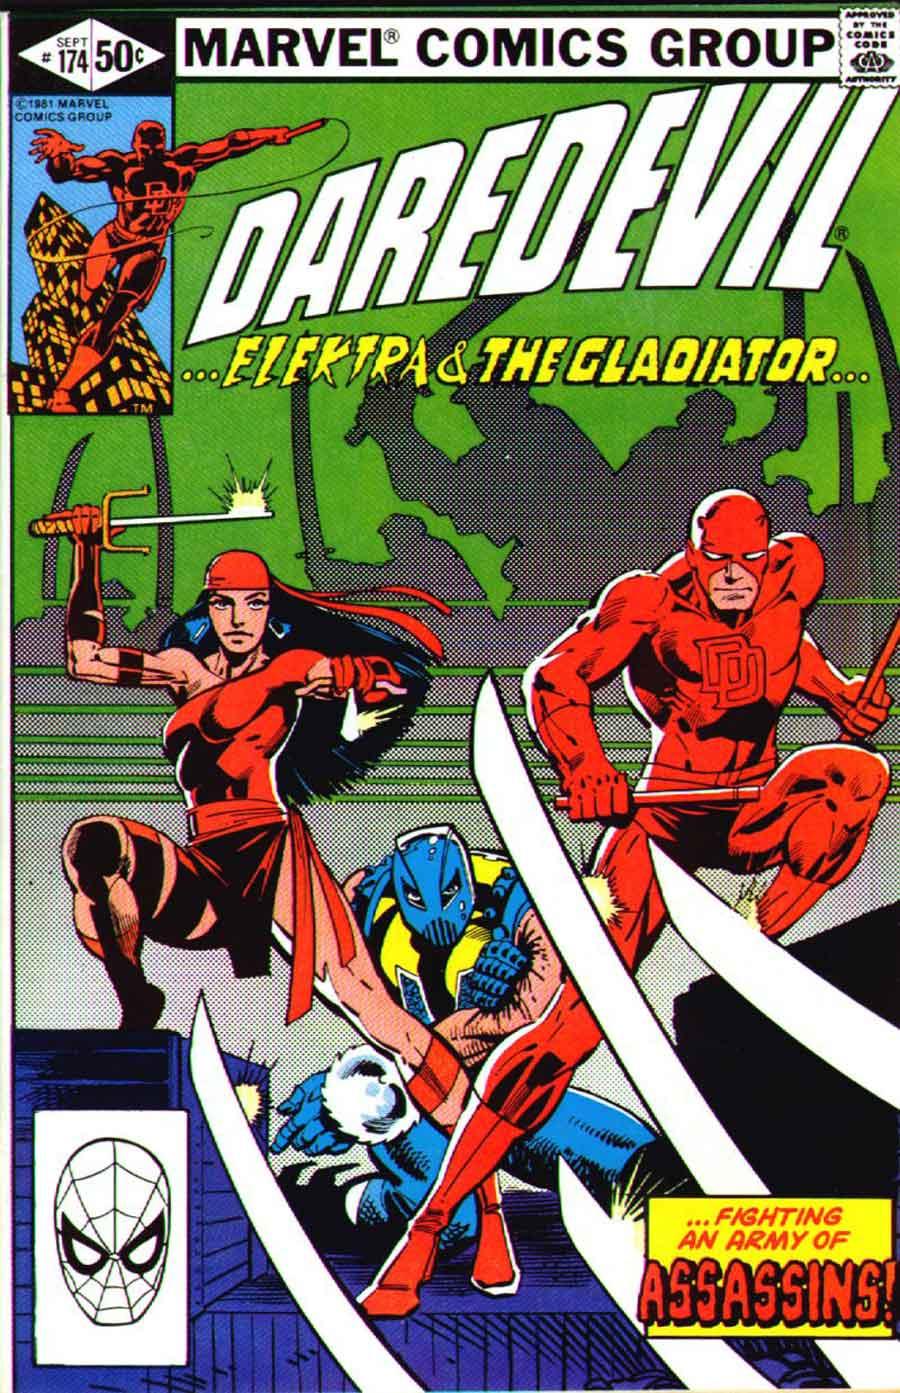 Daredevil v1 #174 elektra marvel comic book cover art by Frank Miller